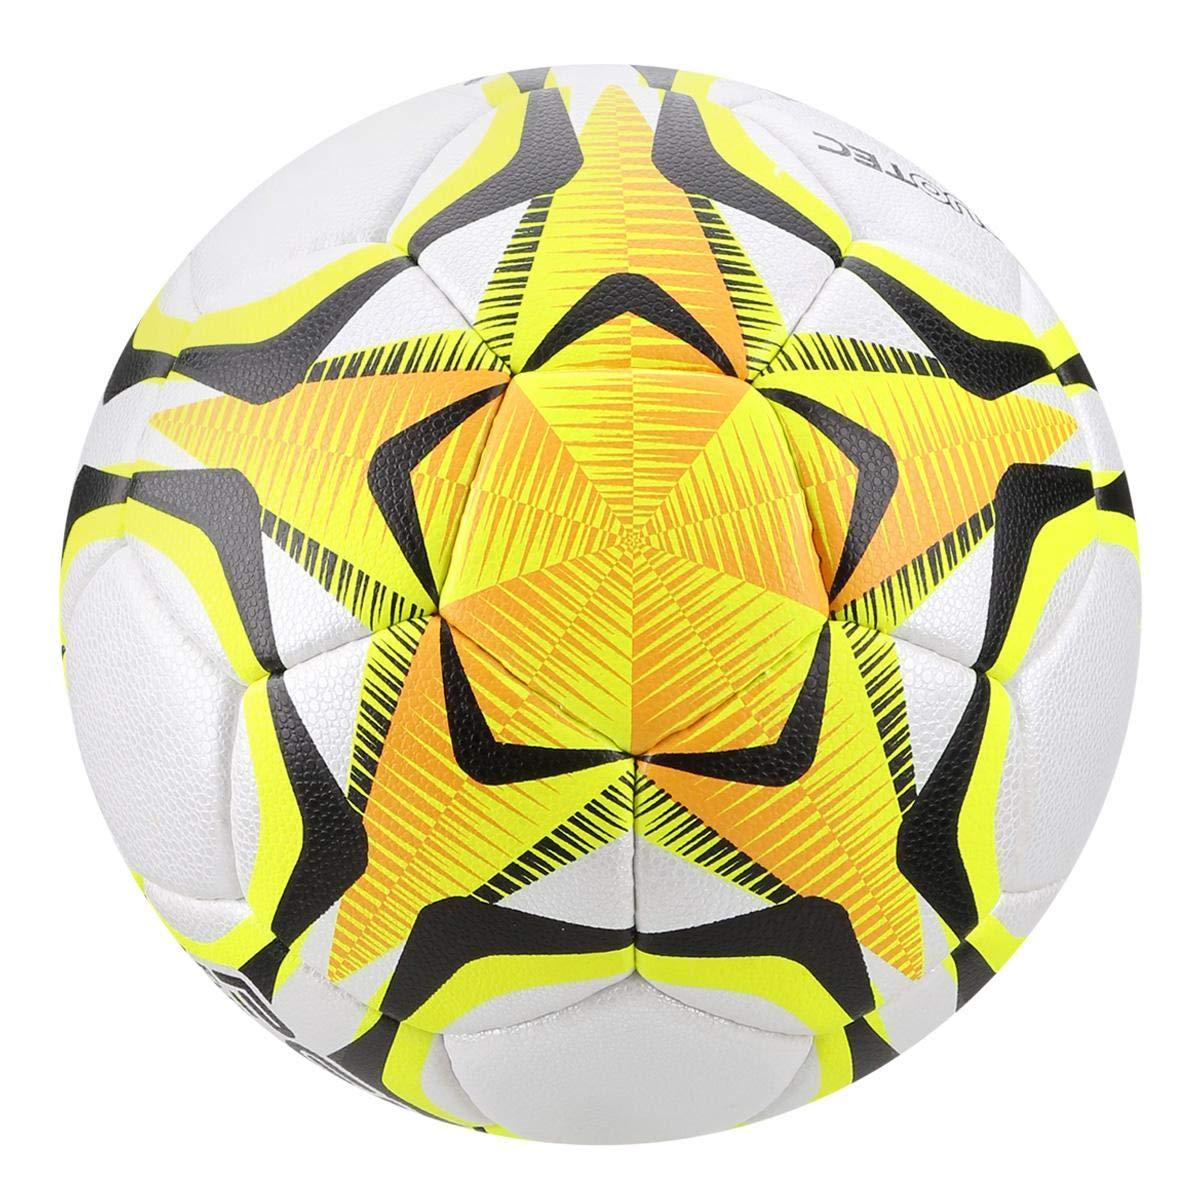 ae860e156de8e Bola Futsal Penalty Brasil 70 500 Pró Ix - Branco+amarelo - Único   Amazon.com.br  Esportes e Aventura